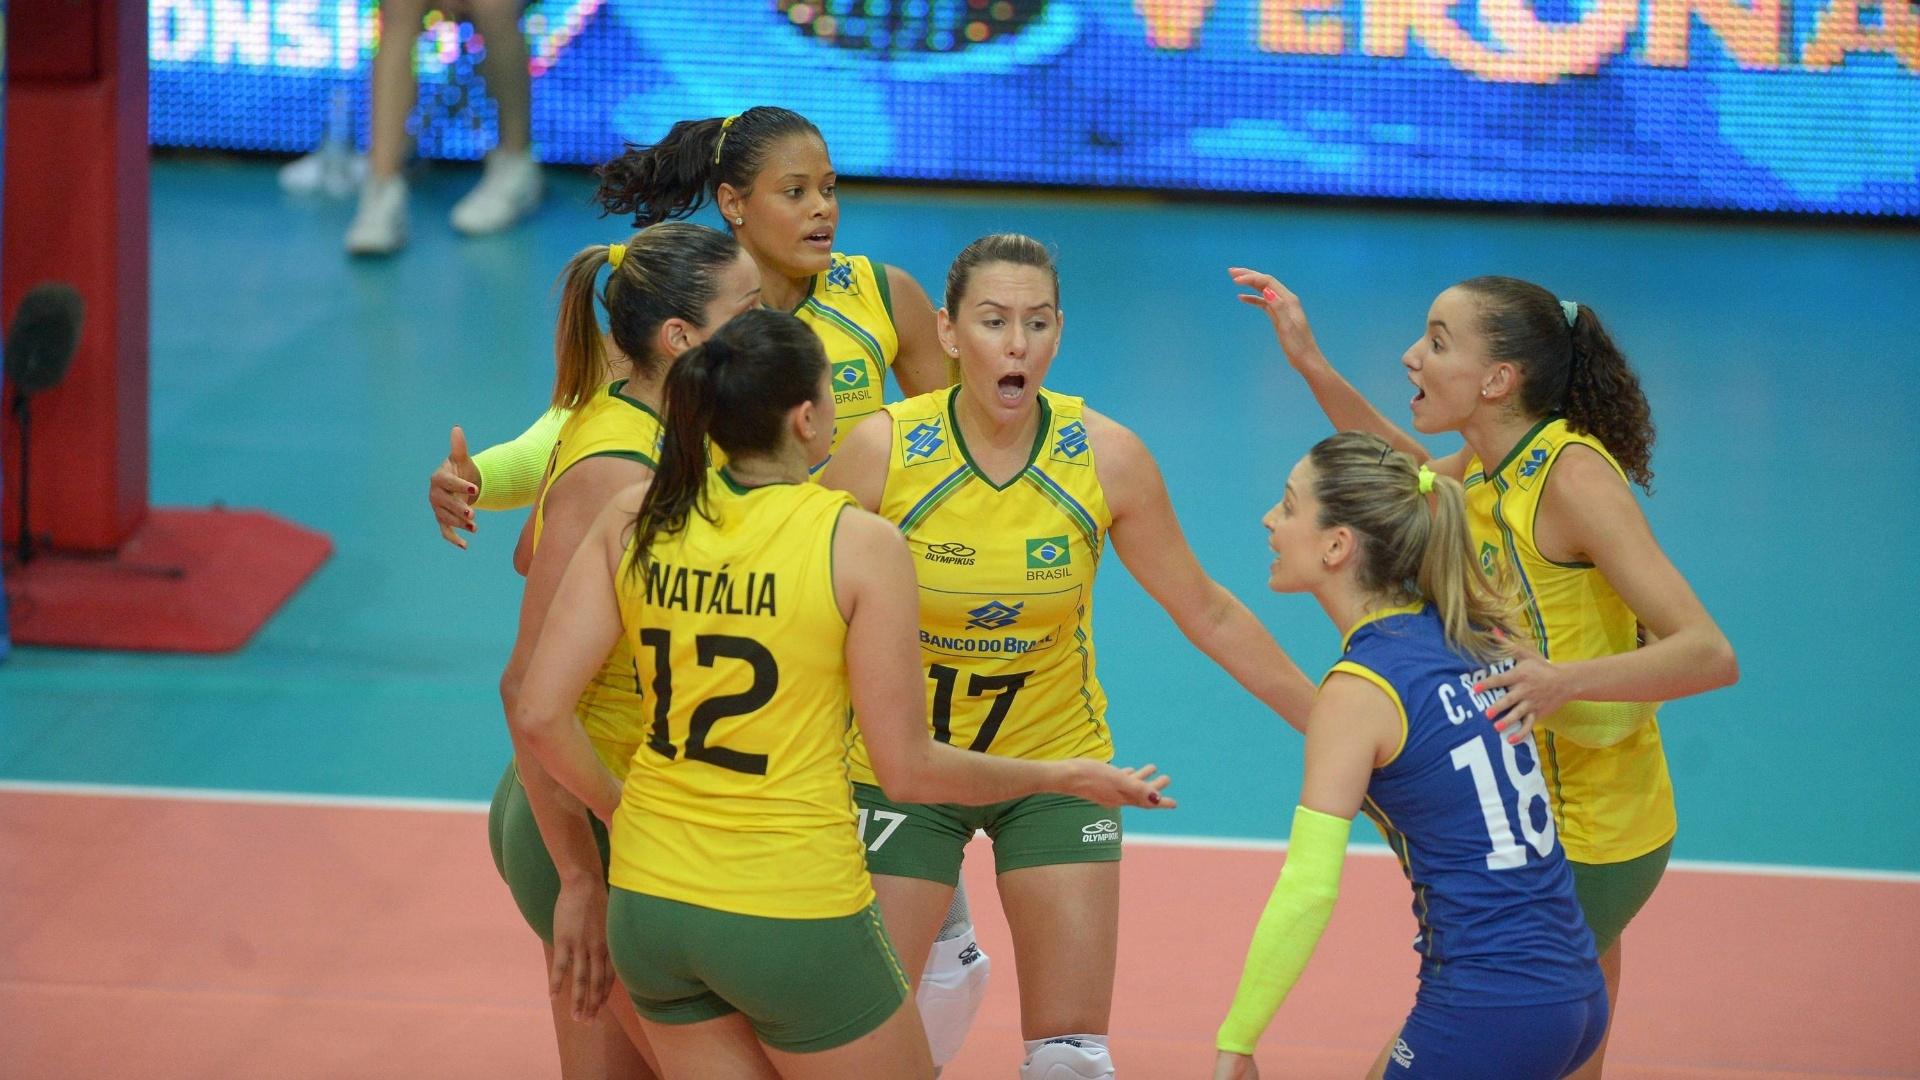 Jogadoras do Brasil comemoram ponto marcado durante partida contra os EUA, no Mundial de vôlei